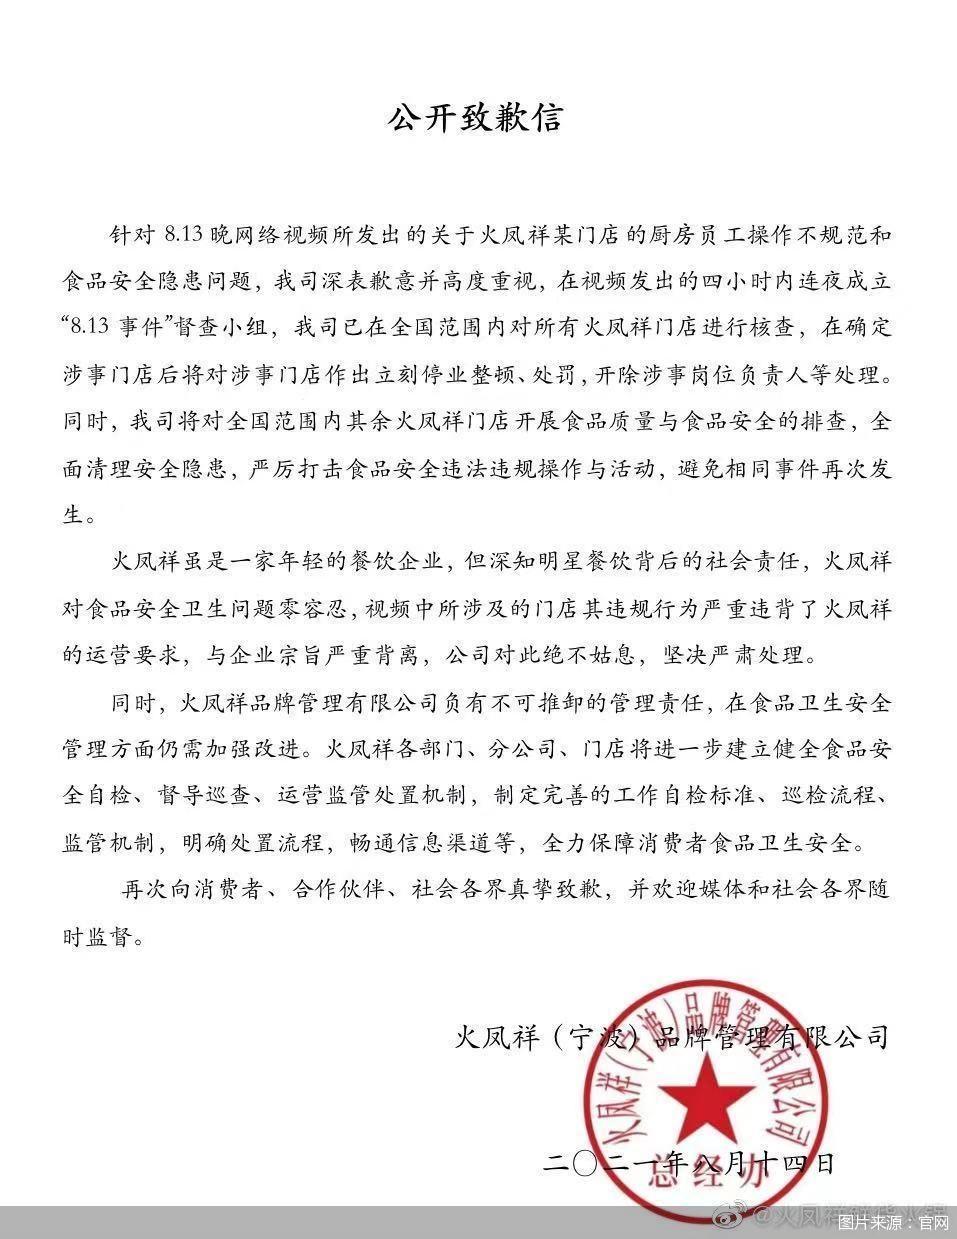 火锅品牌老凤祥发布公开致歉信